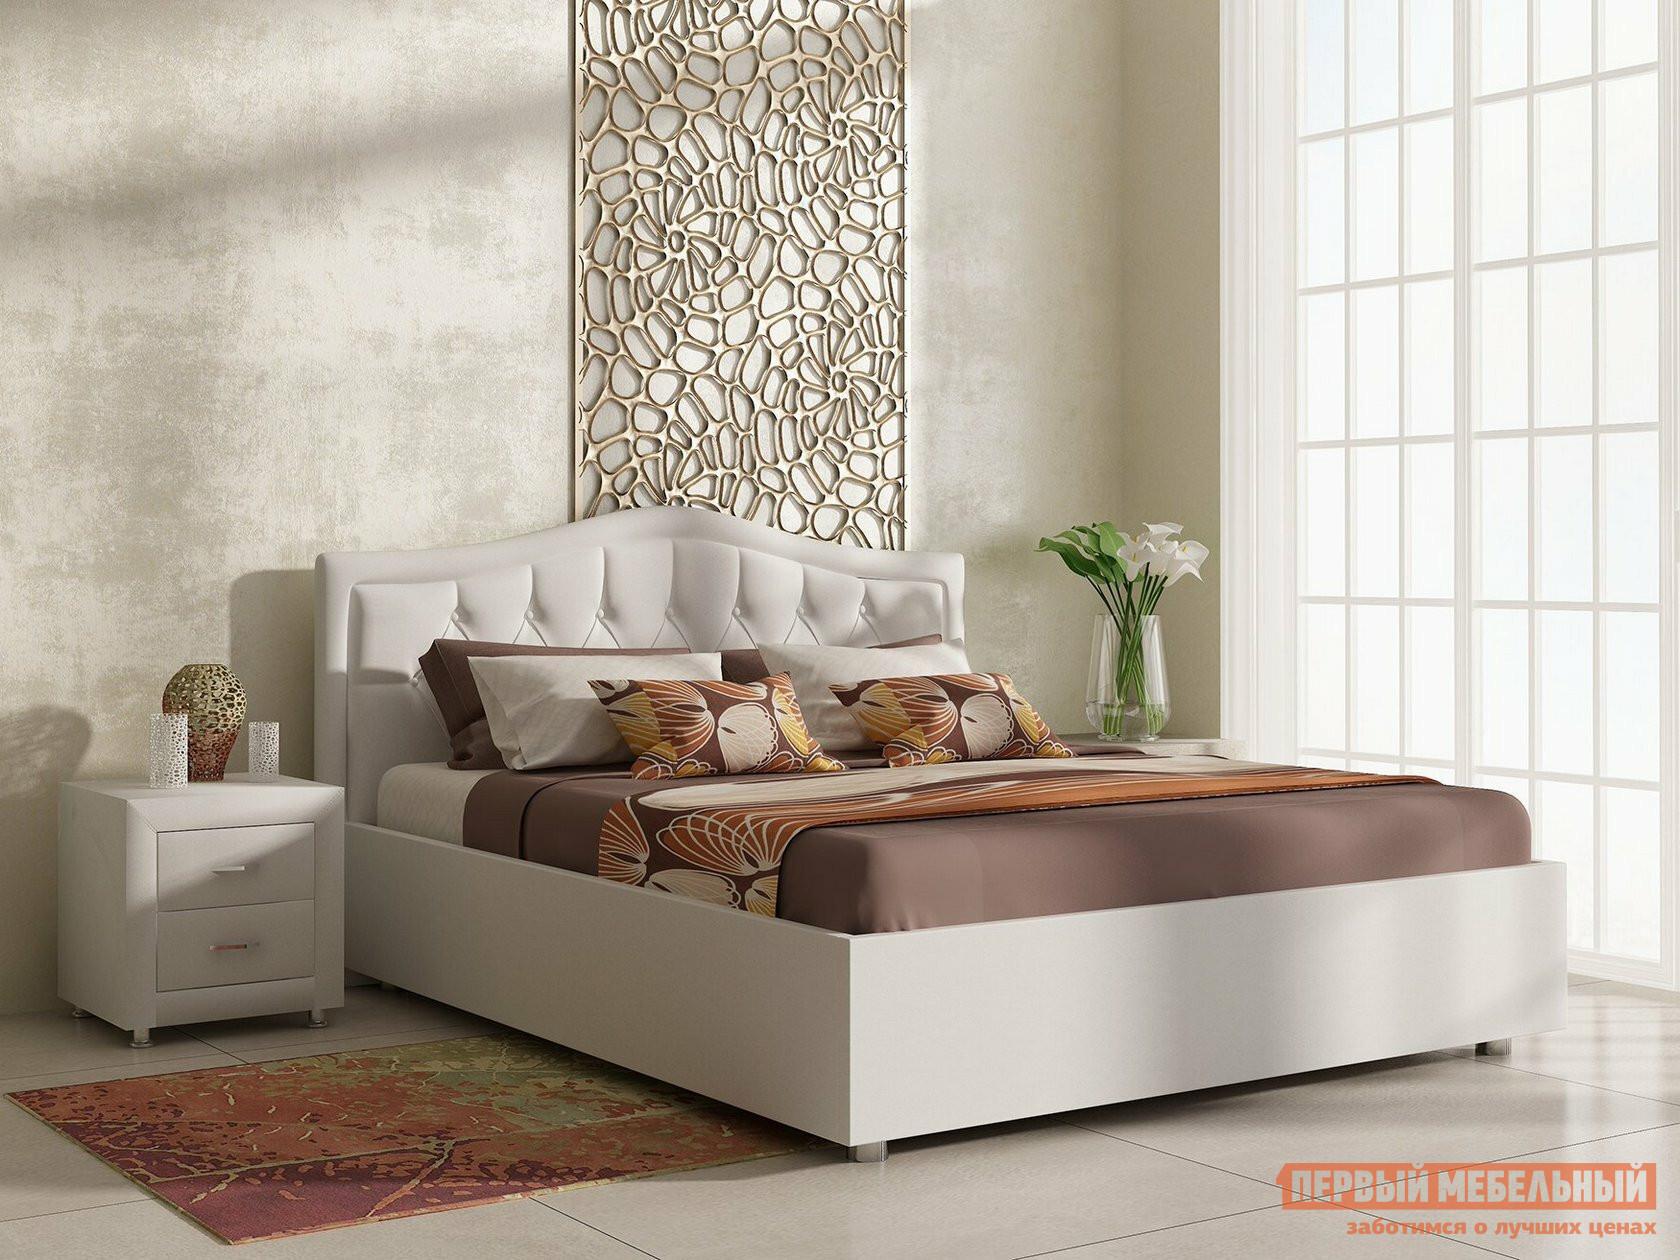 Двуспальная кровать  Кровать Анкона с ортопедическим основанием Белый (экокожа), 2000 Х 2000 мм, С подъемным механизмом